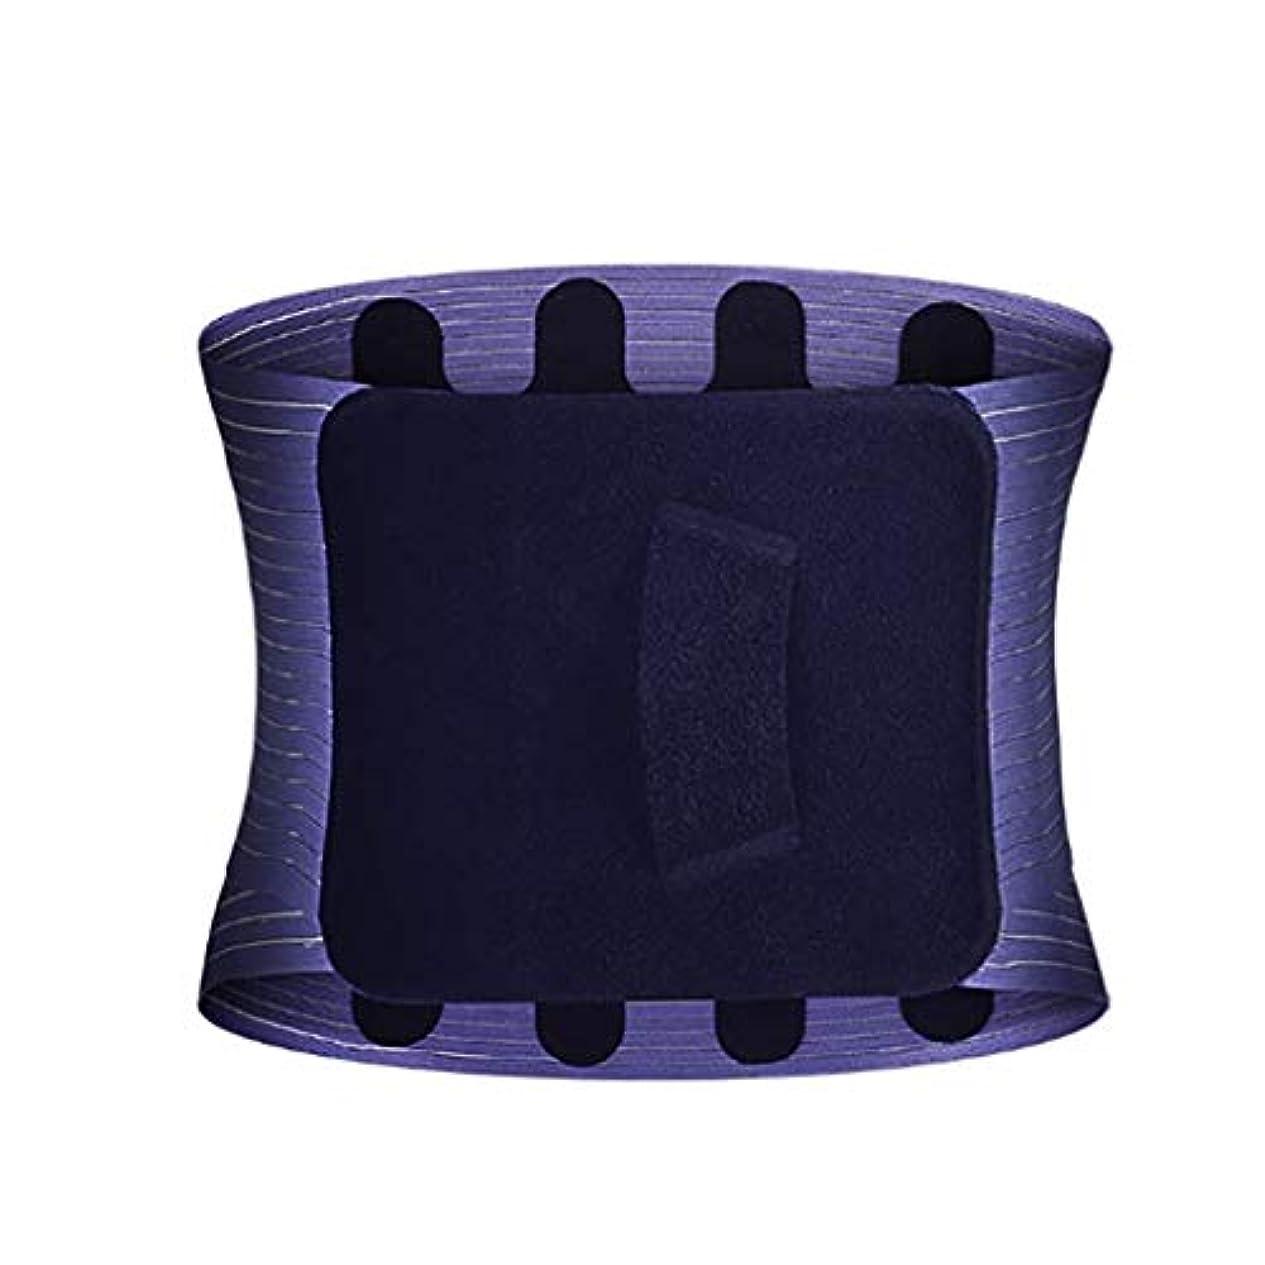 歯科医事件、出来事エチケットウエスト補正ベルト、バック/ウエスト暖かさ、ウエストサポートベルト、通気性ベルト、メンズと女性のフィットネスベルト、ワーキング/スポーツ/フィットネスに適した、痛みを緩和、防止けが (Color : 黒, Size : L)